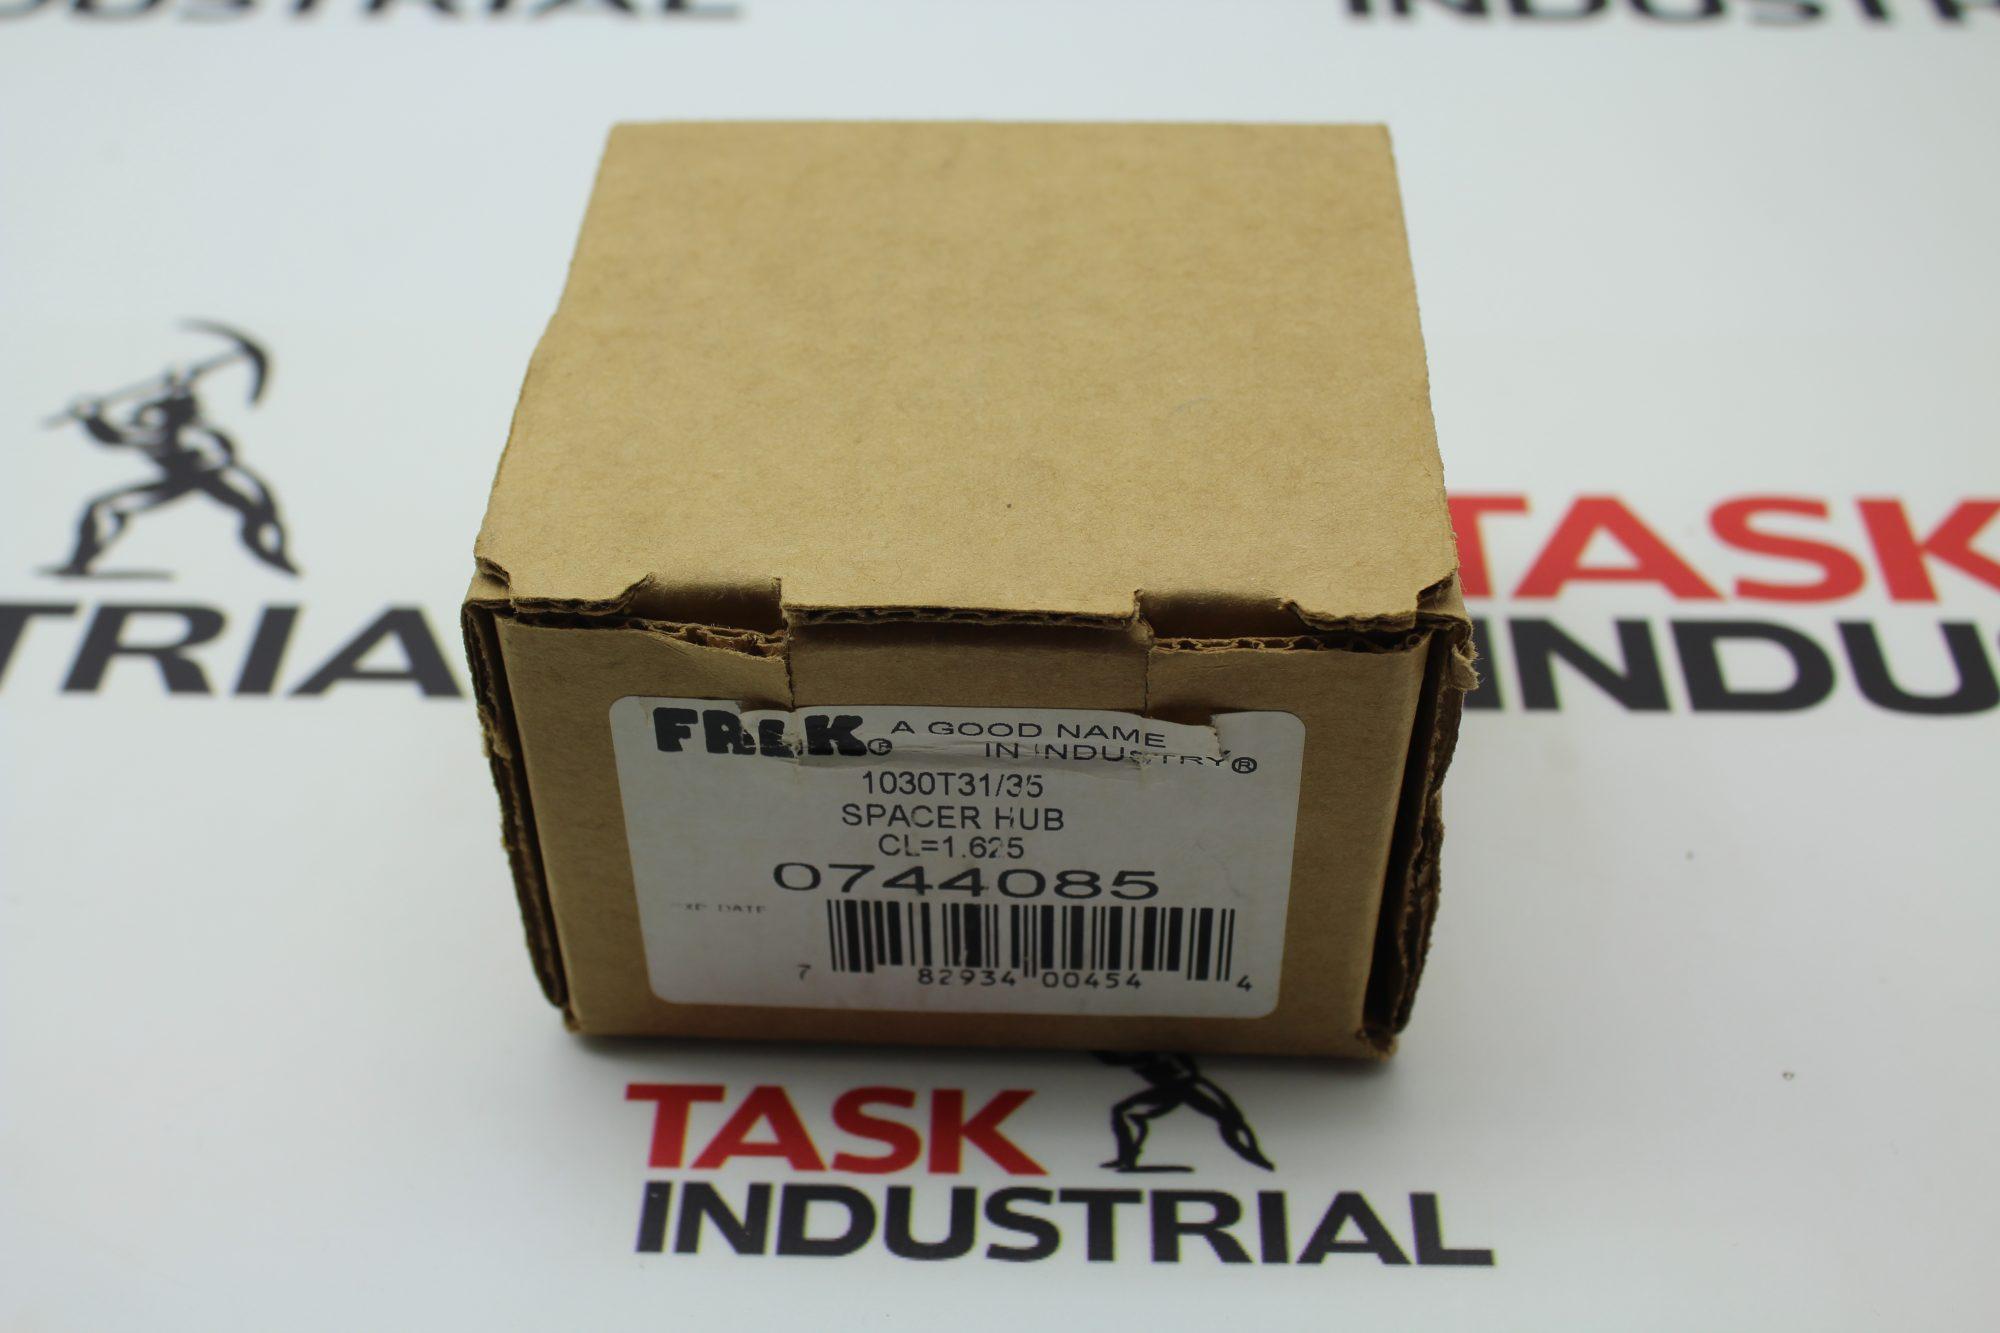 Falk 1030T31/35 Spacer Hub CL=1.625 0744085